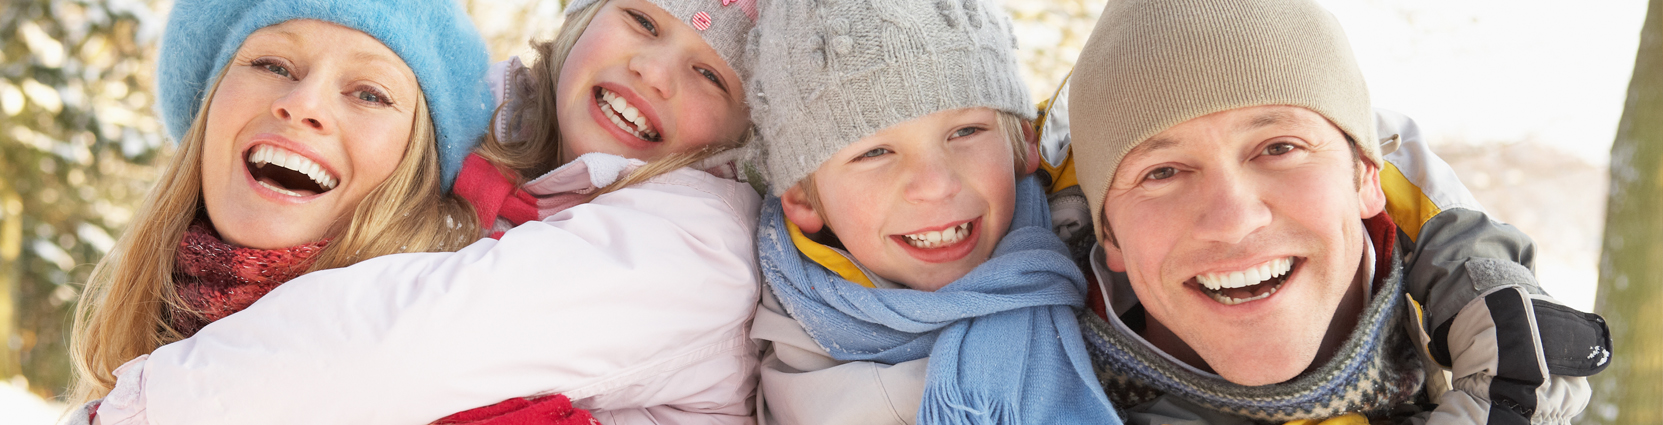 Slider Familia Resfriados